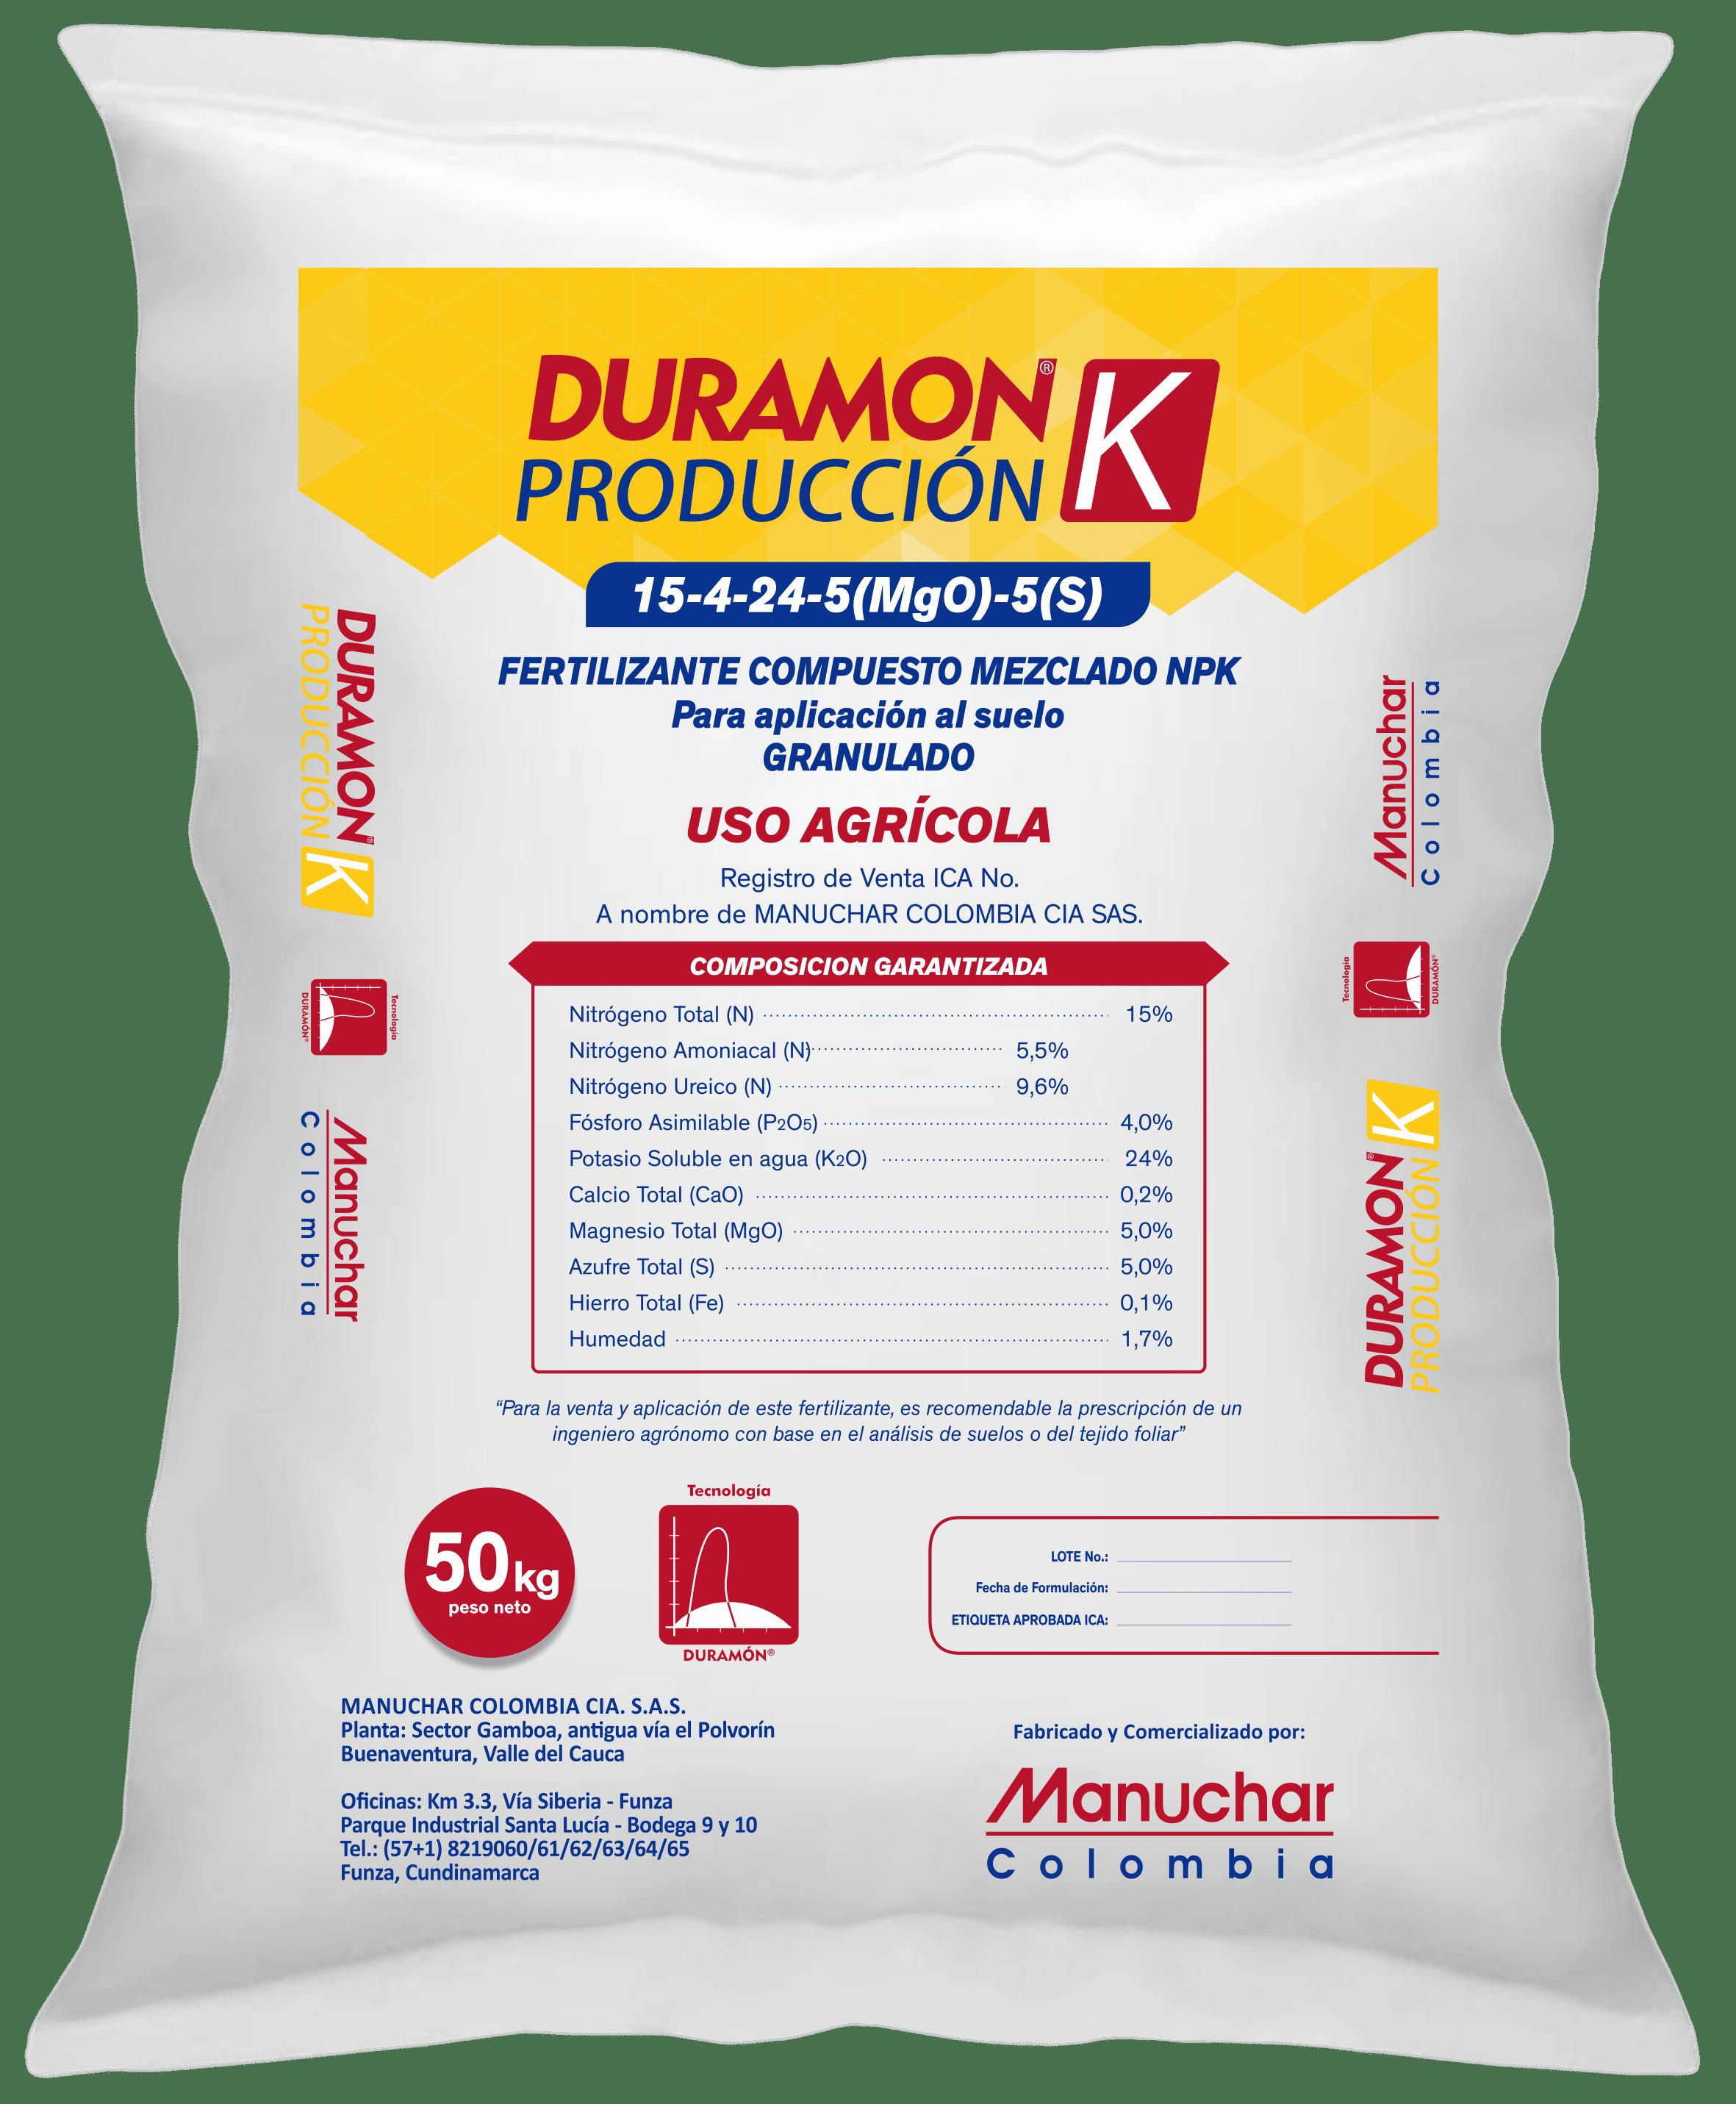 duramon-produccion-K-min.png